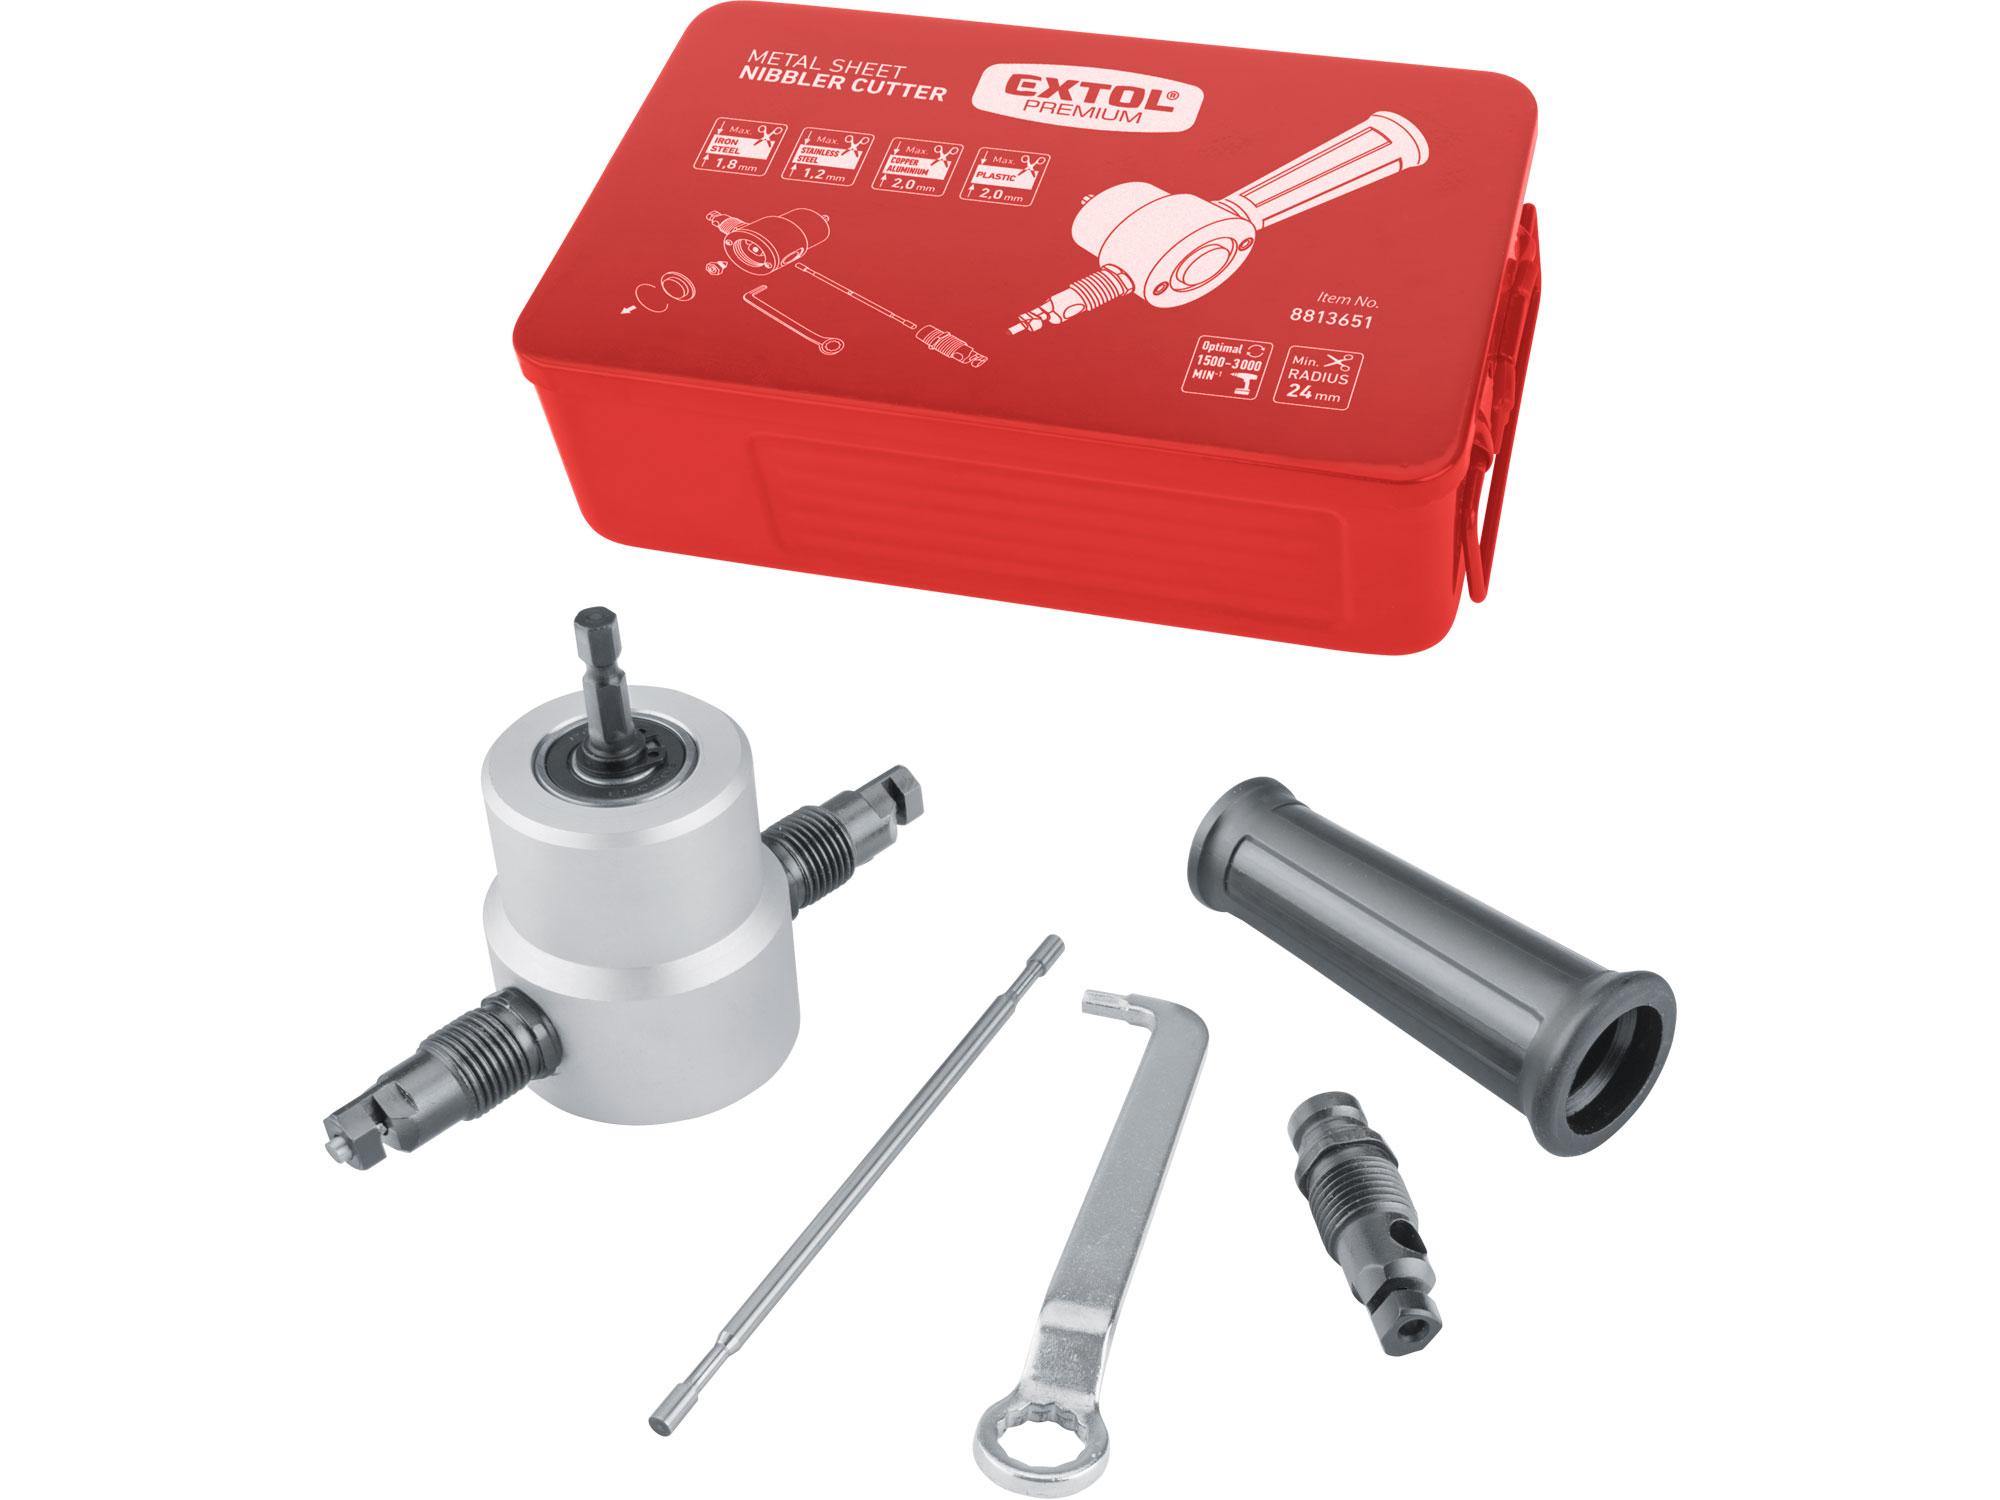 Drill Bit Sheet Metal Nibbler Cutter, bilateral